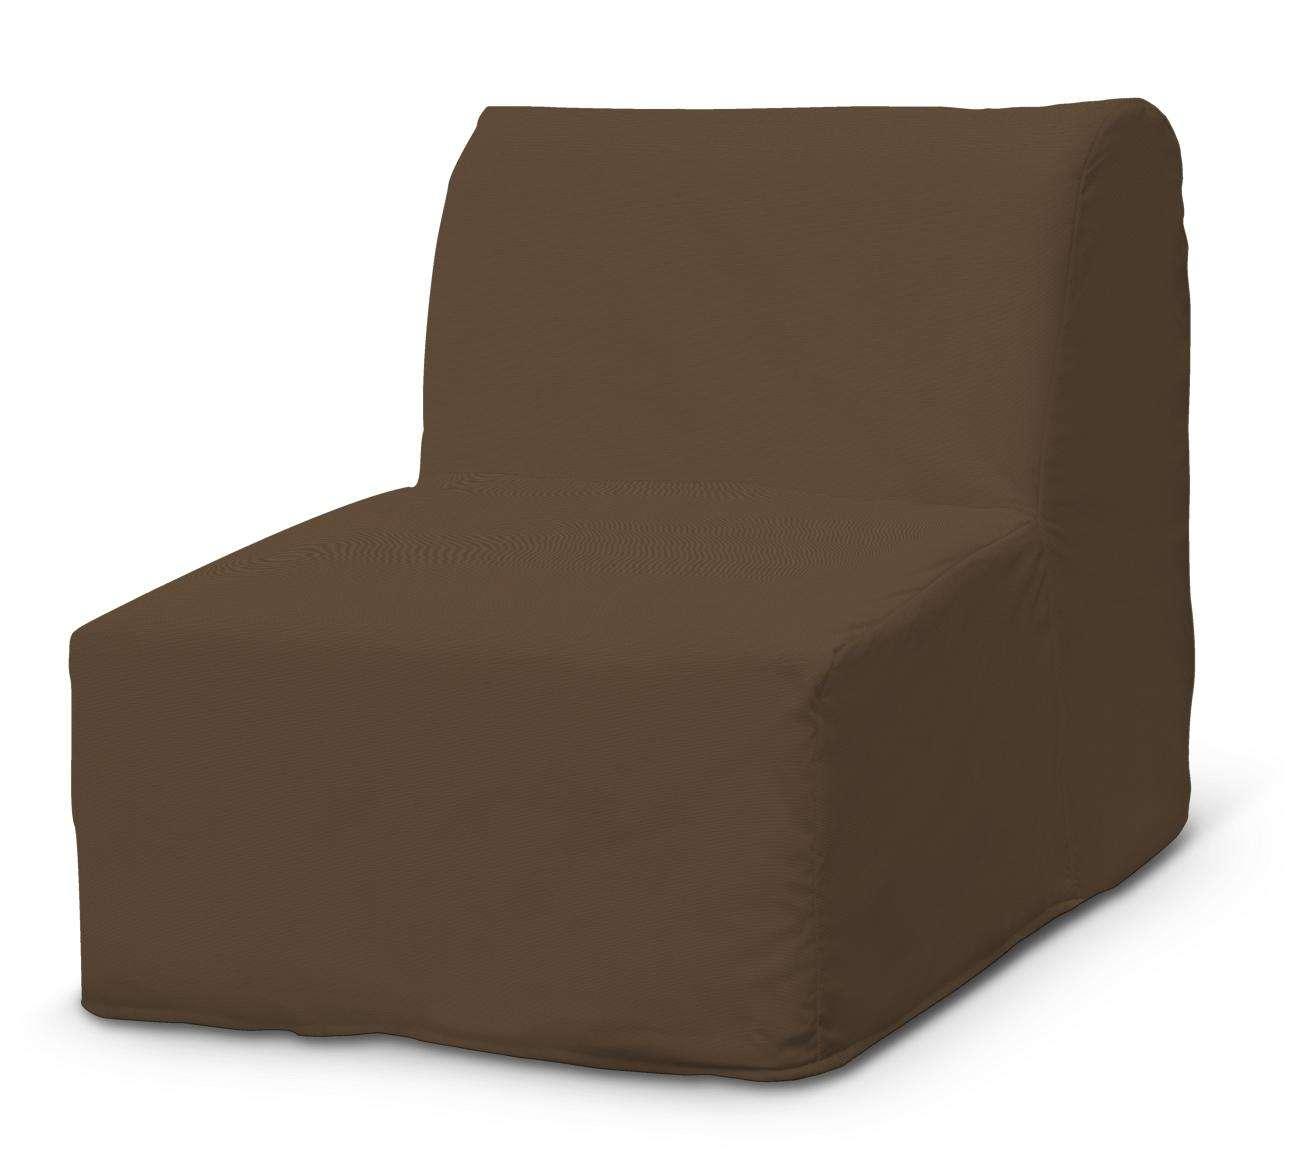 Pokrowiec na fotel Lycksele prosty w kolekcji Cotton Panama, tkanina: 702-02